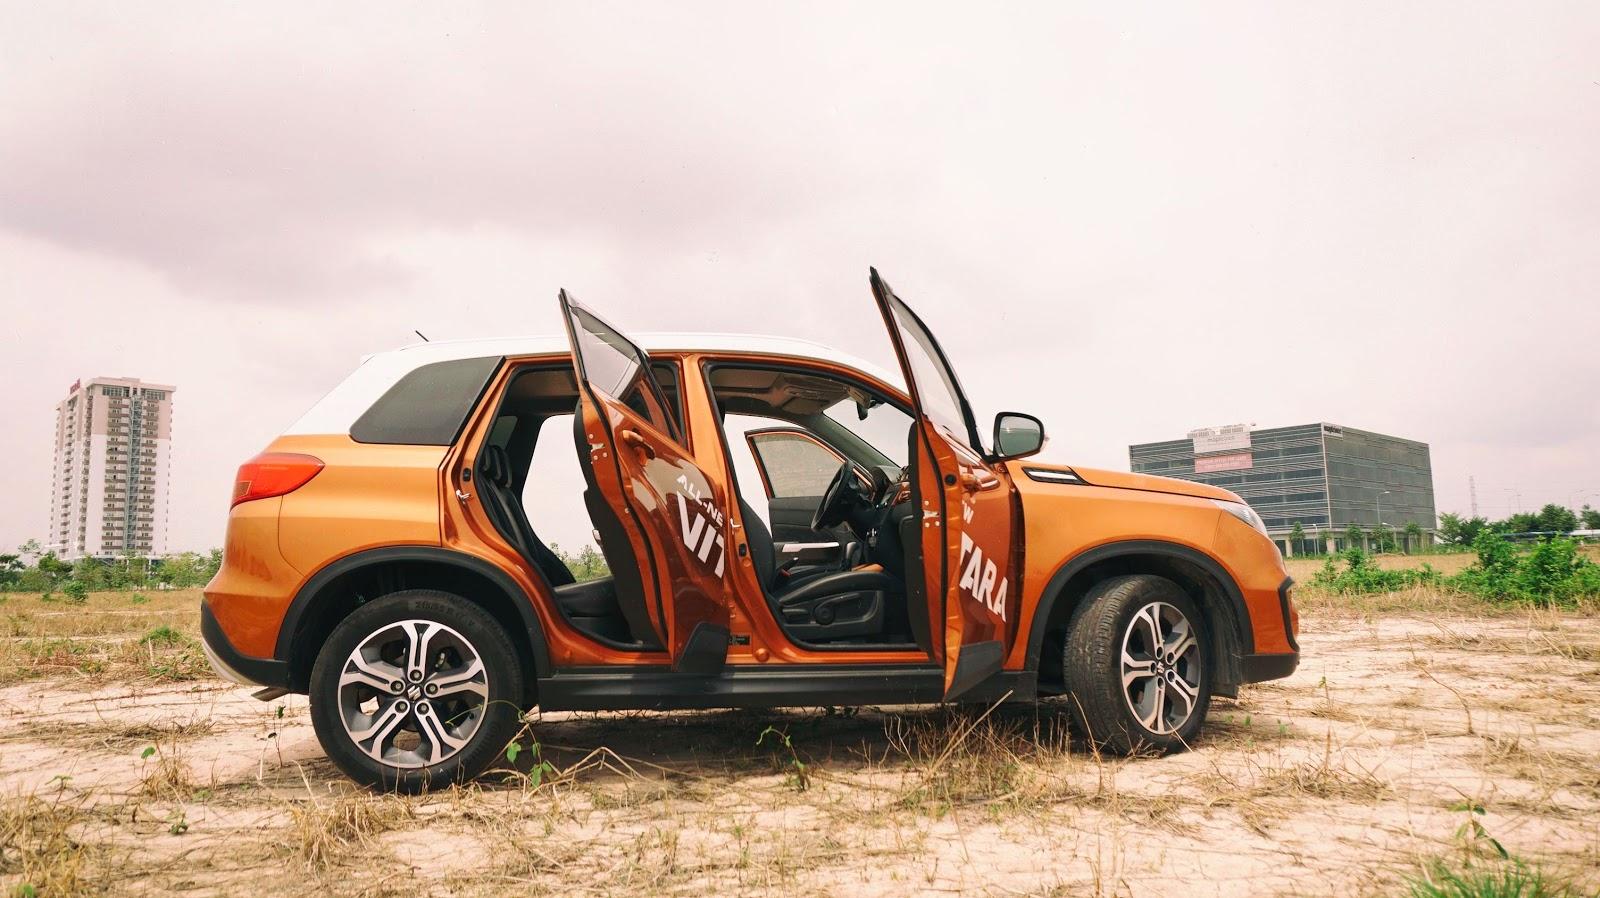 Suzuki Vitara hoàn toàn mới đánh dấu nhiều sự thay đổi và phong cách thiết kế của Suzuki